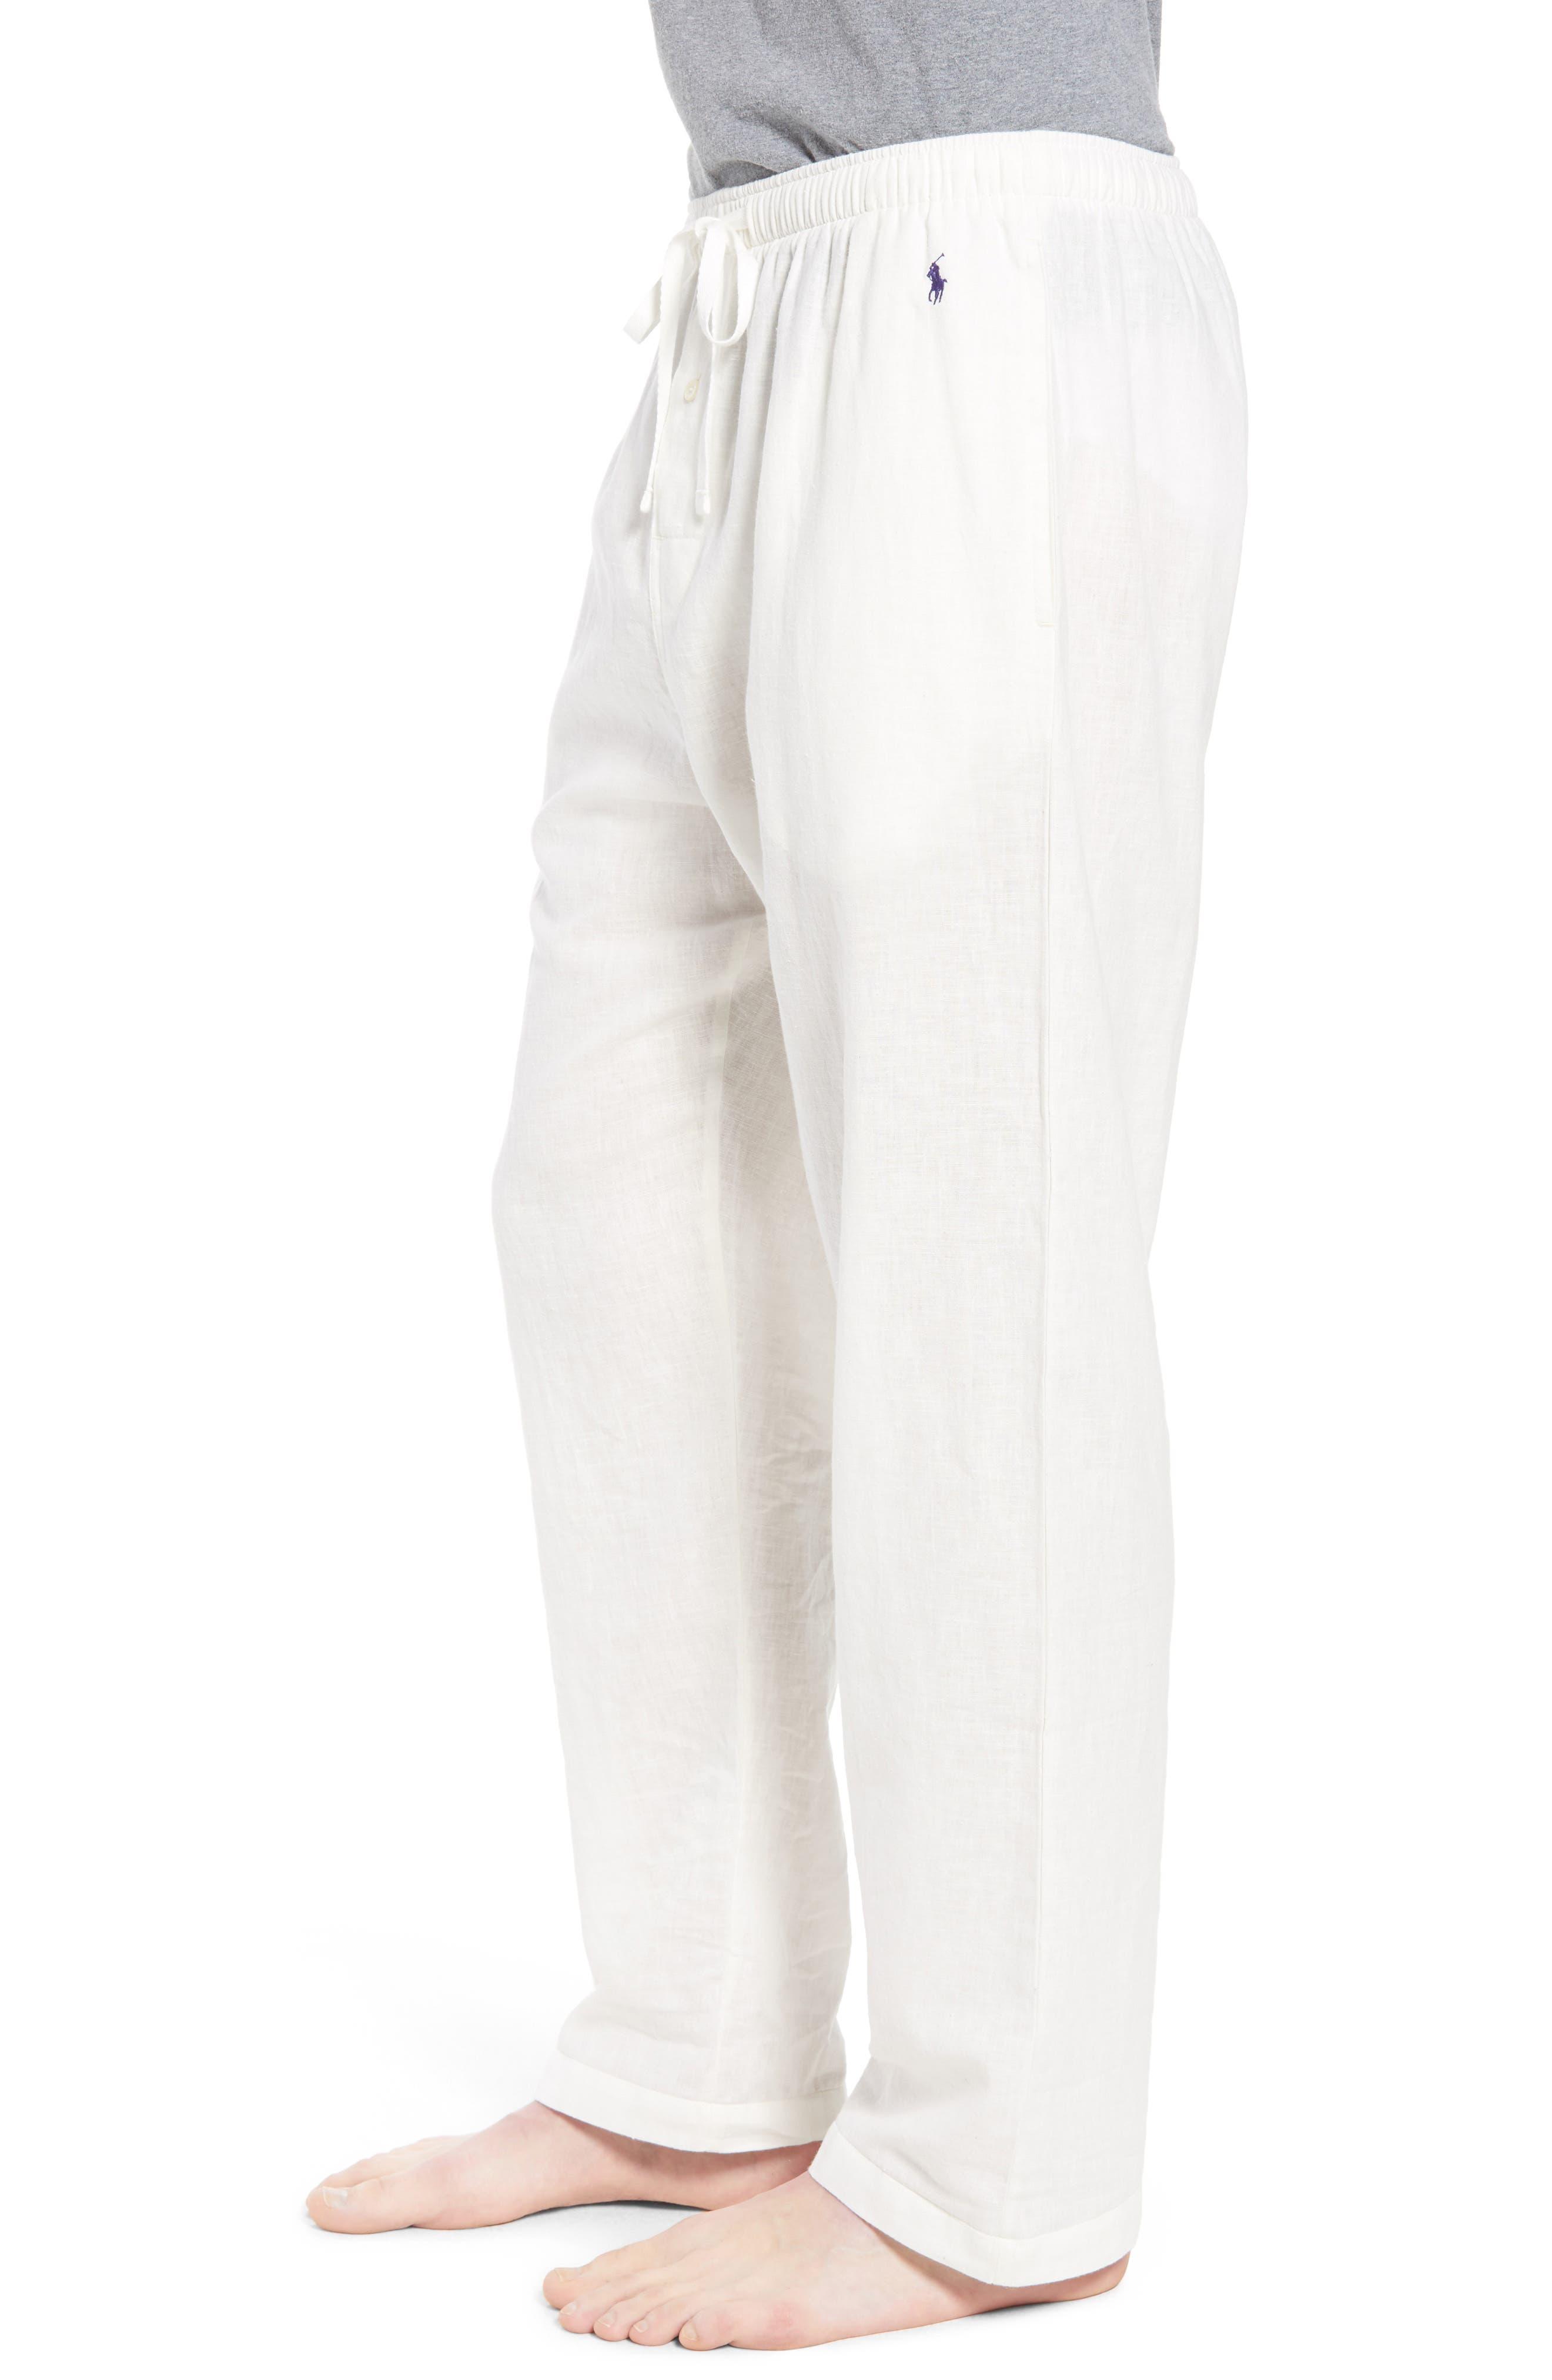 Walker Cotton & Linen Lounge Pants,                             Alternate thumbnail 3, color,                             NEVIS/ BRIGHT NAVY